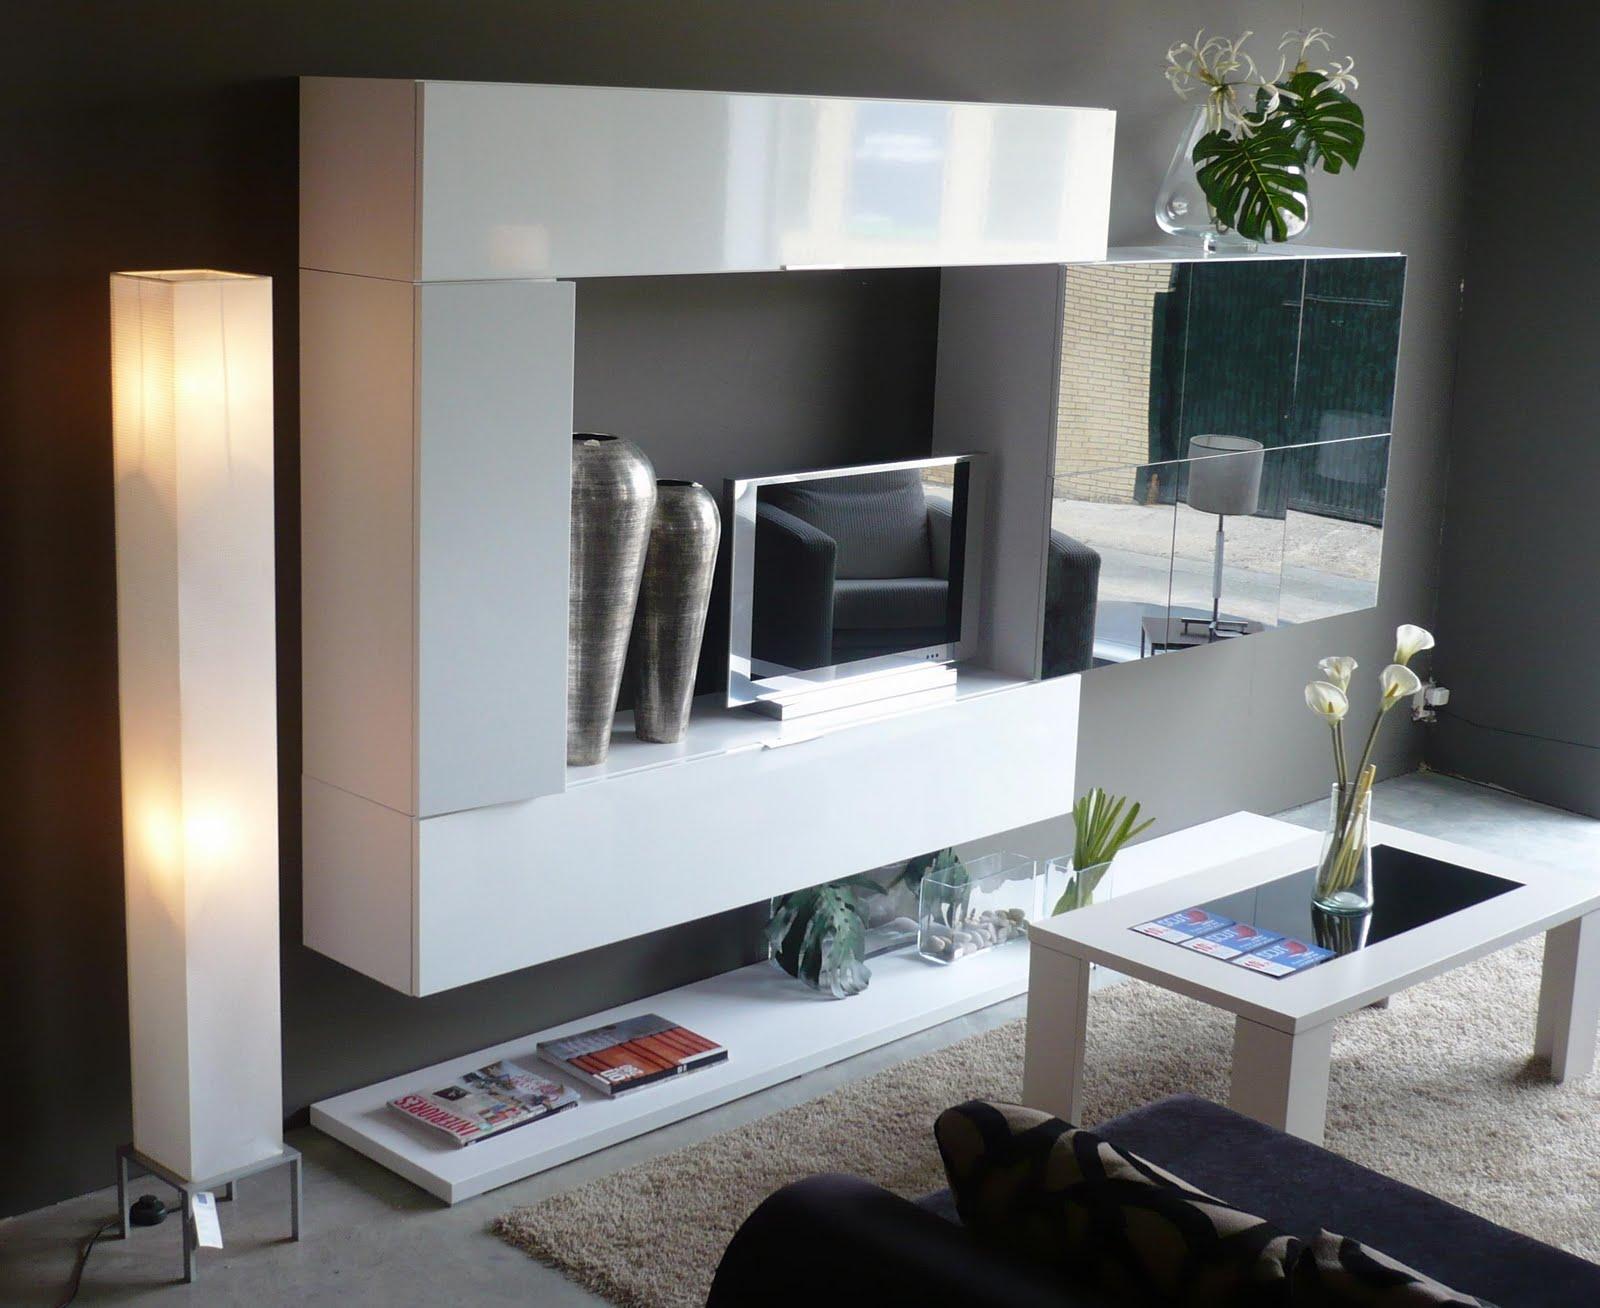 M S Home Garden Furniture